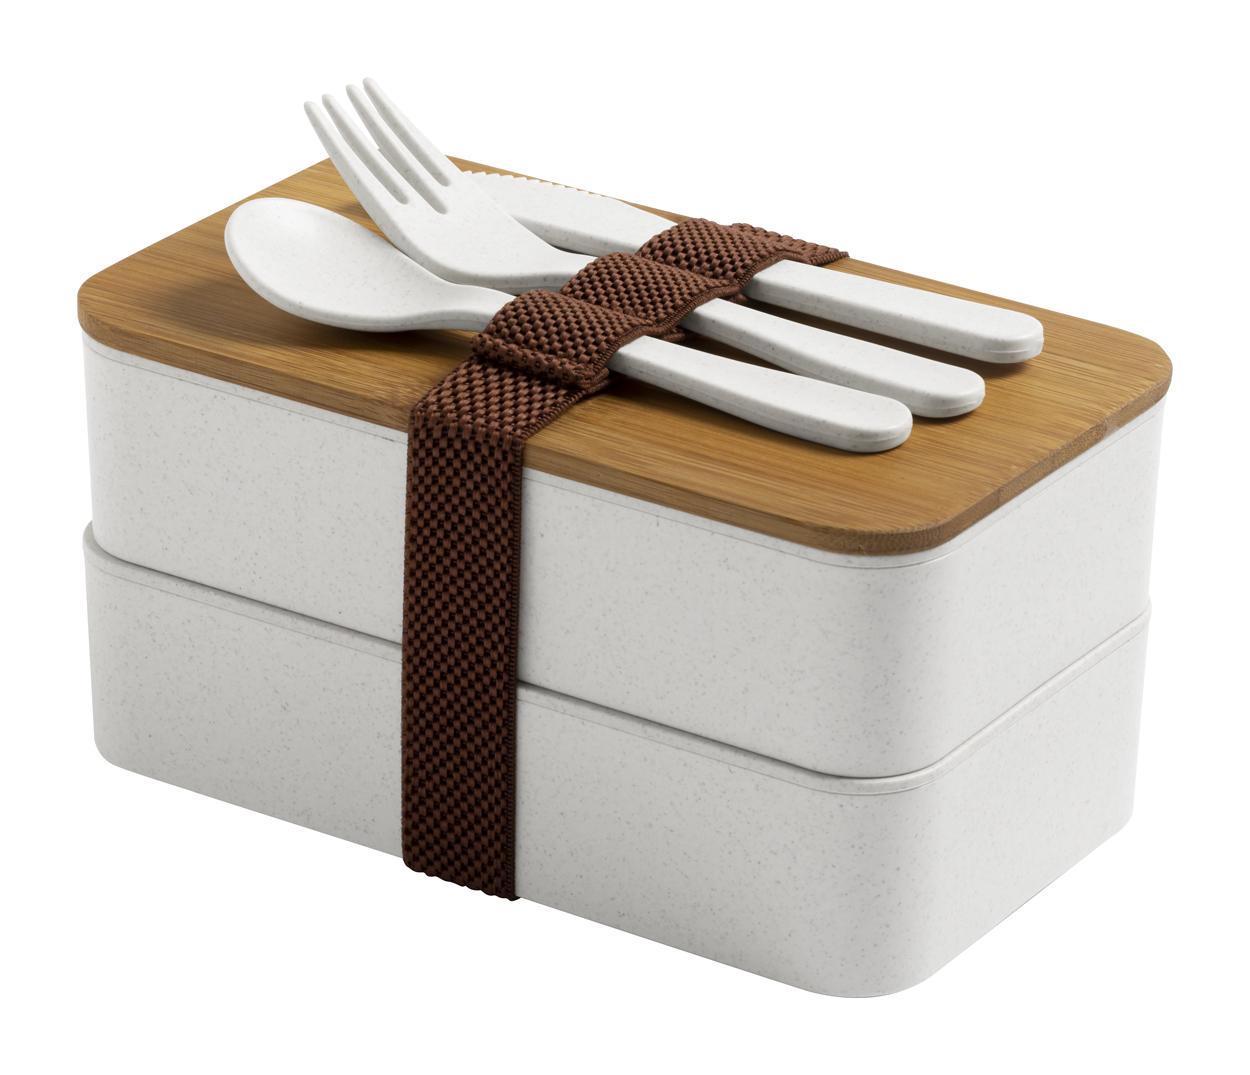 Yebix lunch box